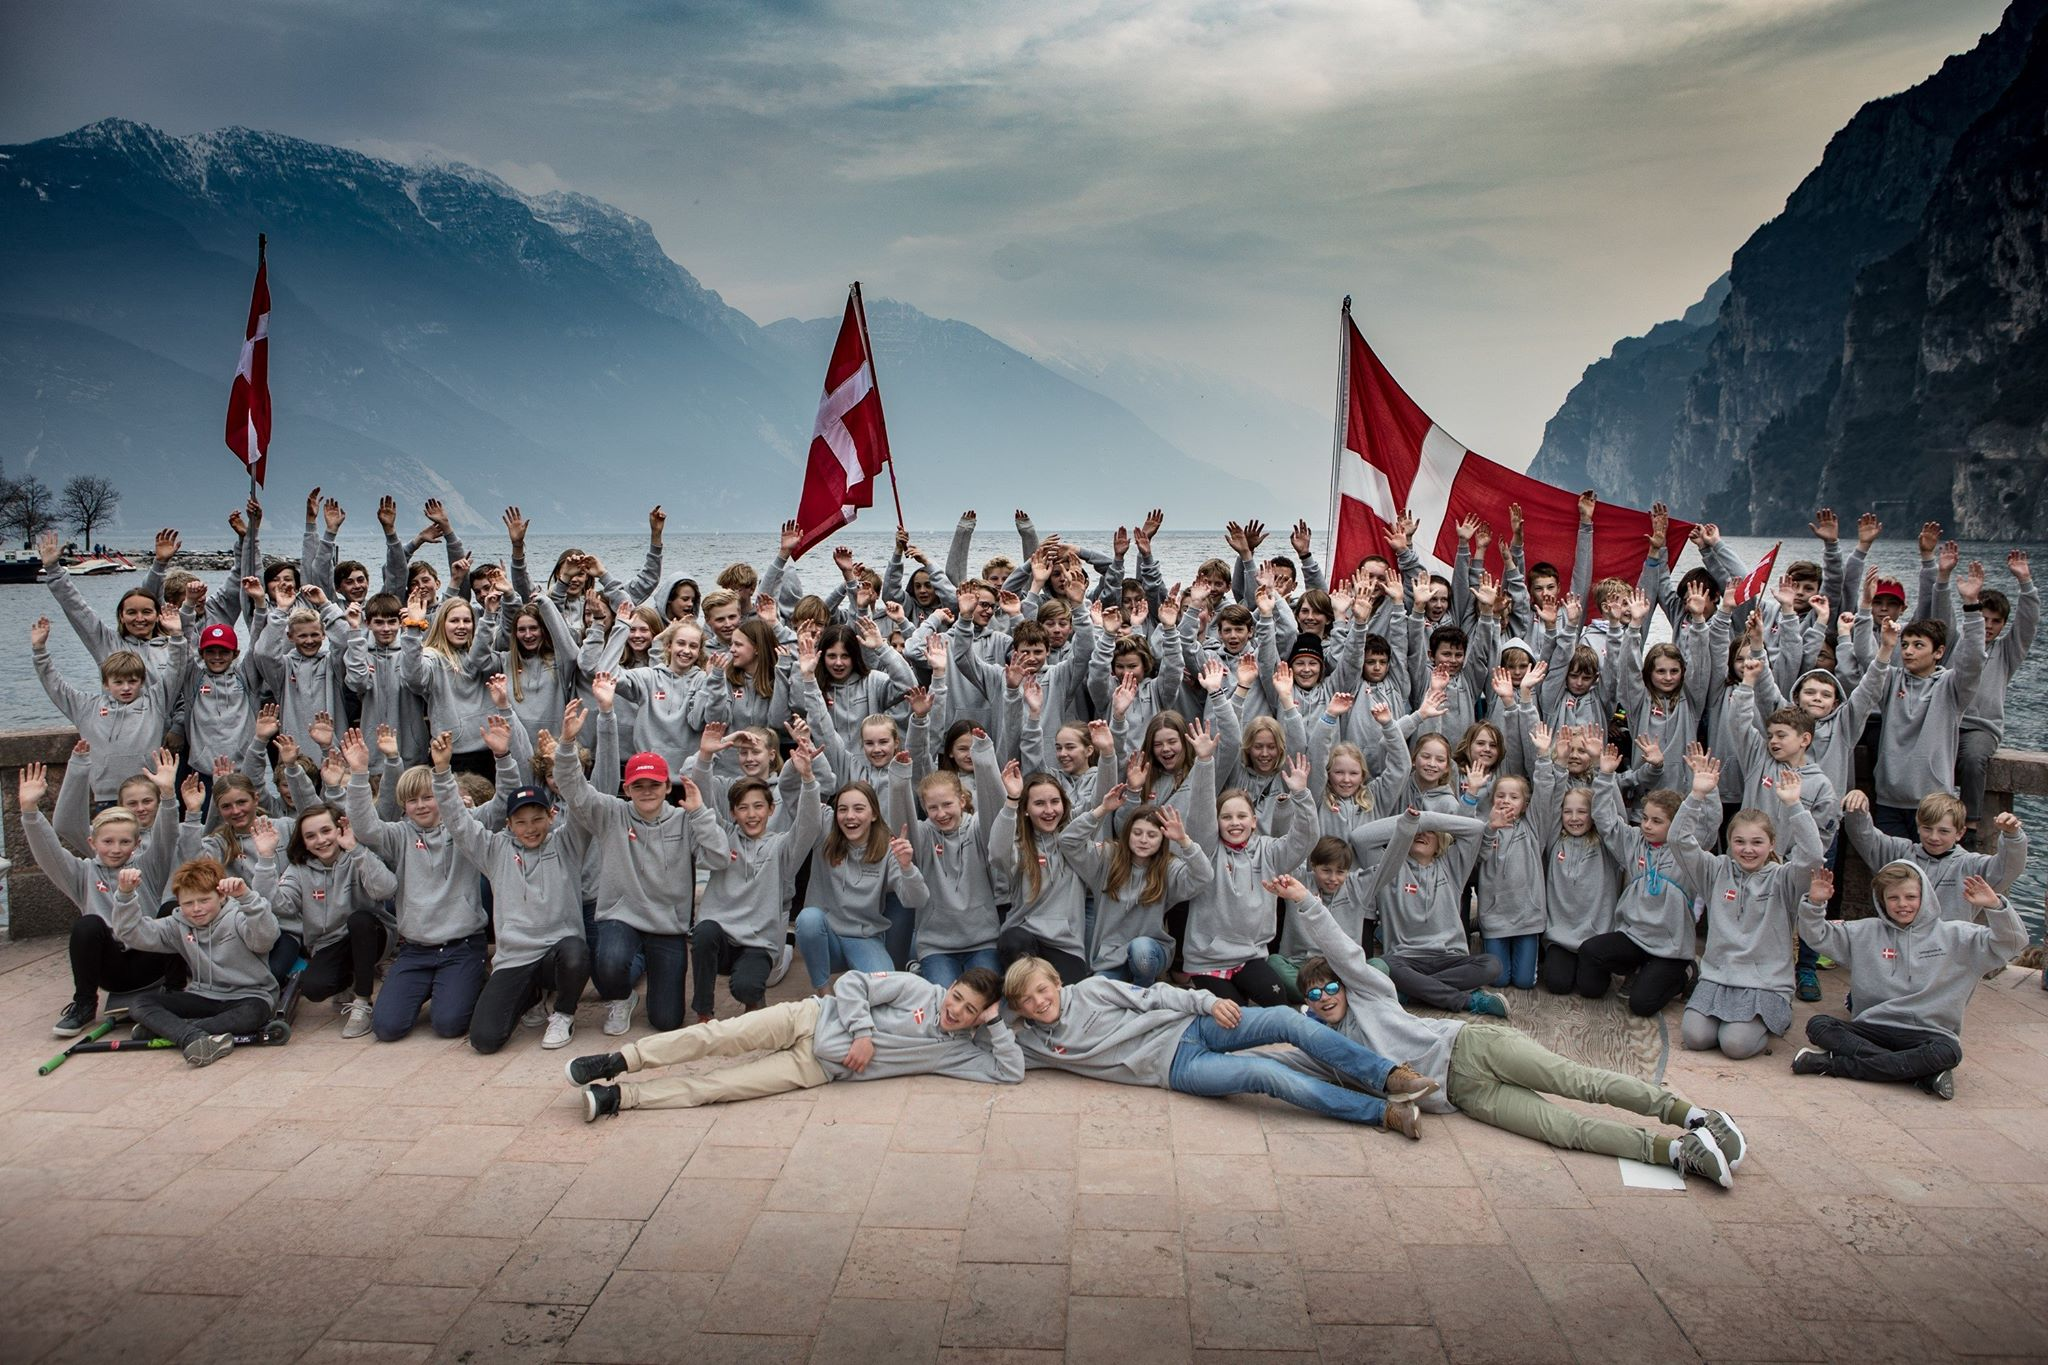 Fællesbillede af SailingGarda.dk sejlerene taget onsdag aften før indmarch er vedhæftet. Foto: Kristian Joos